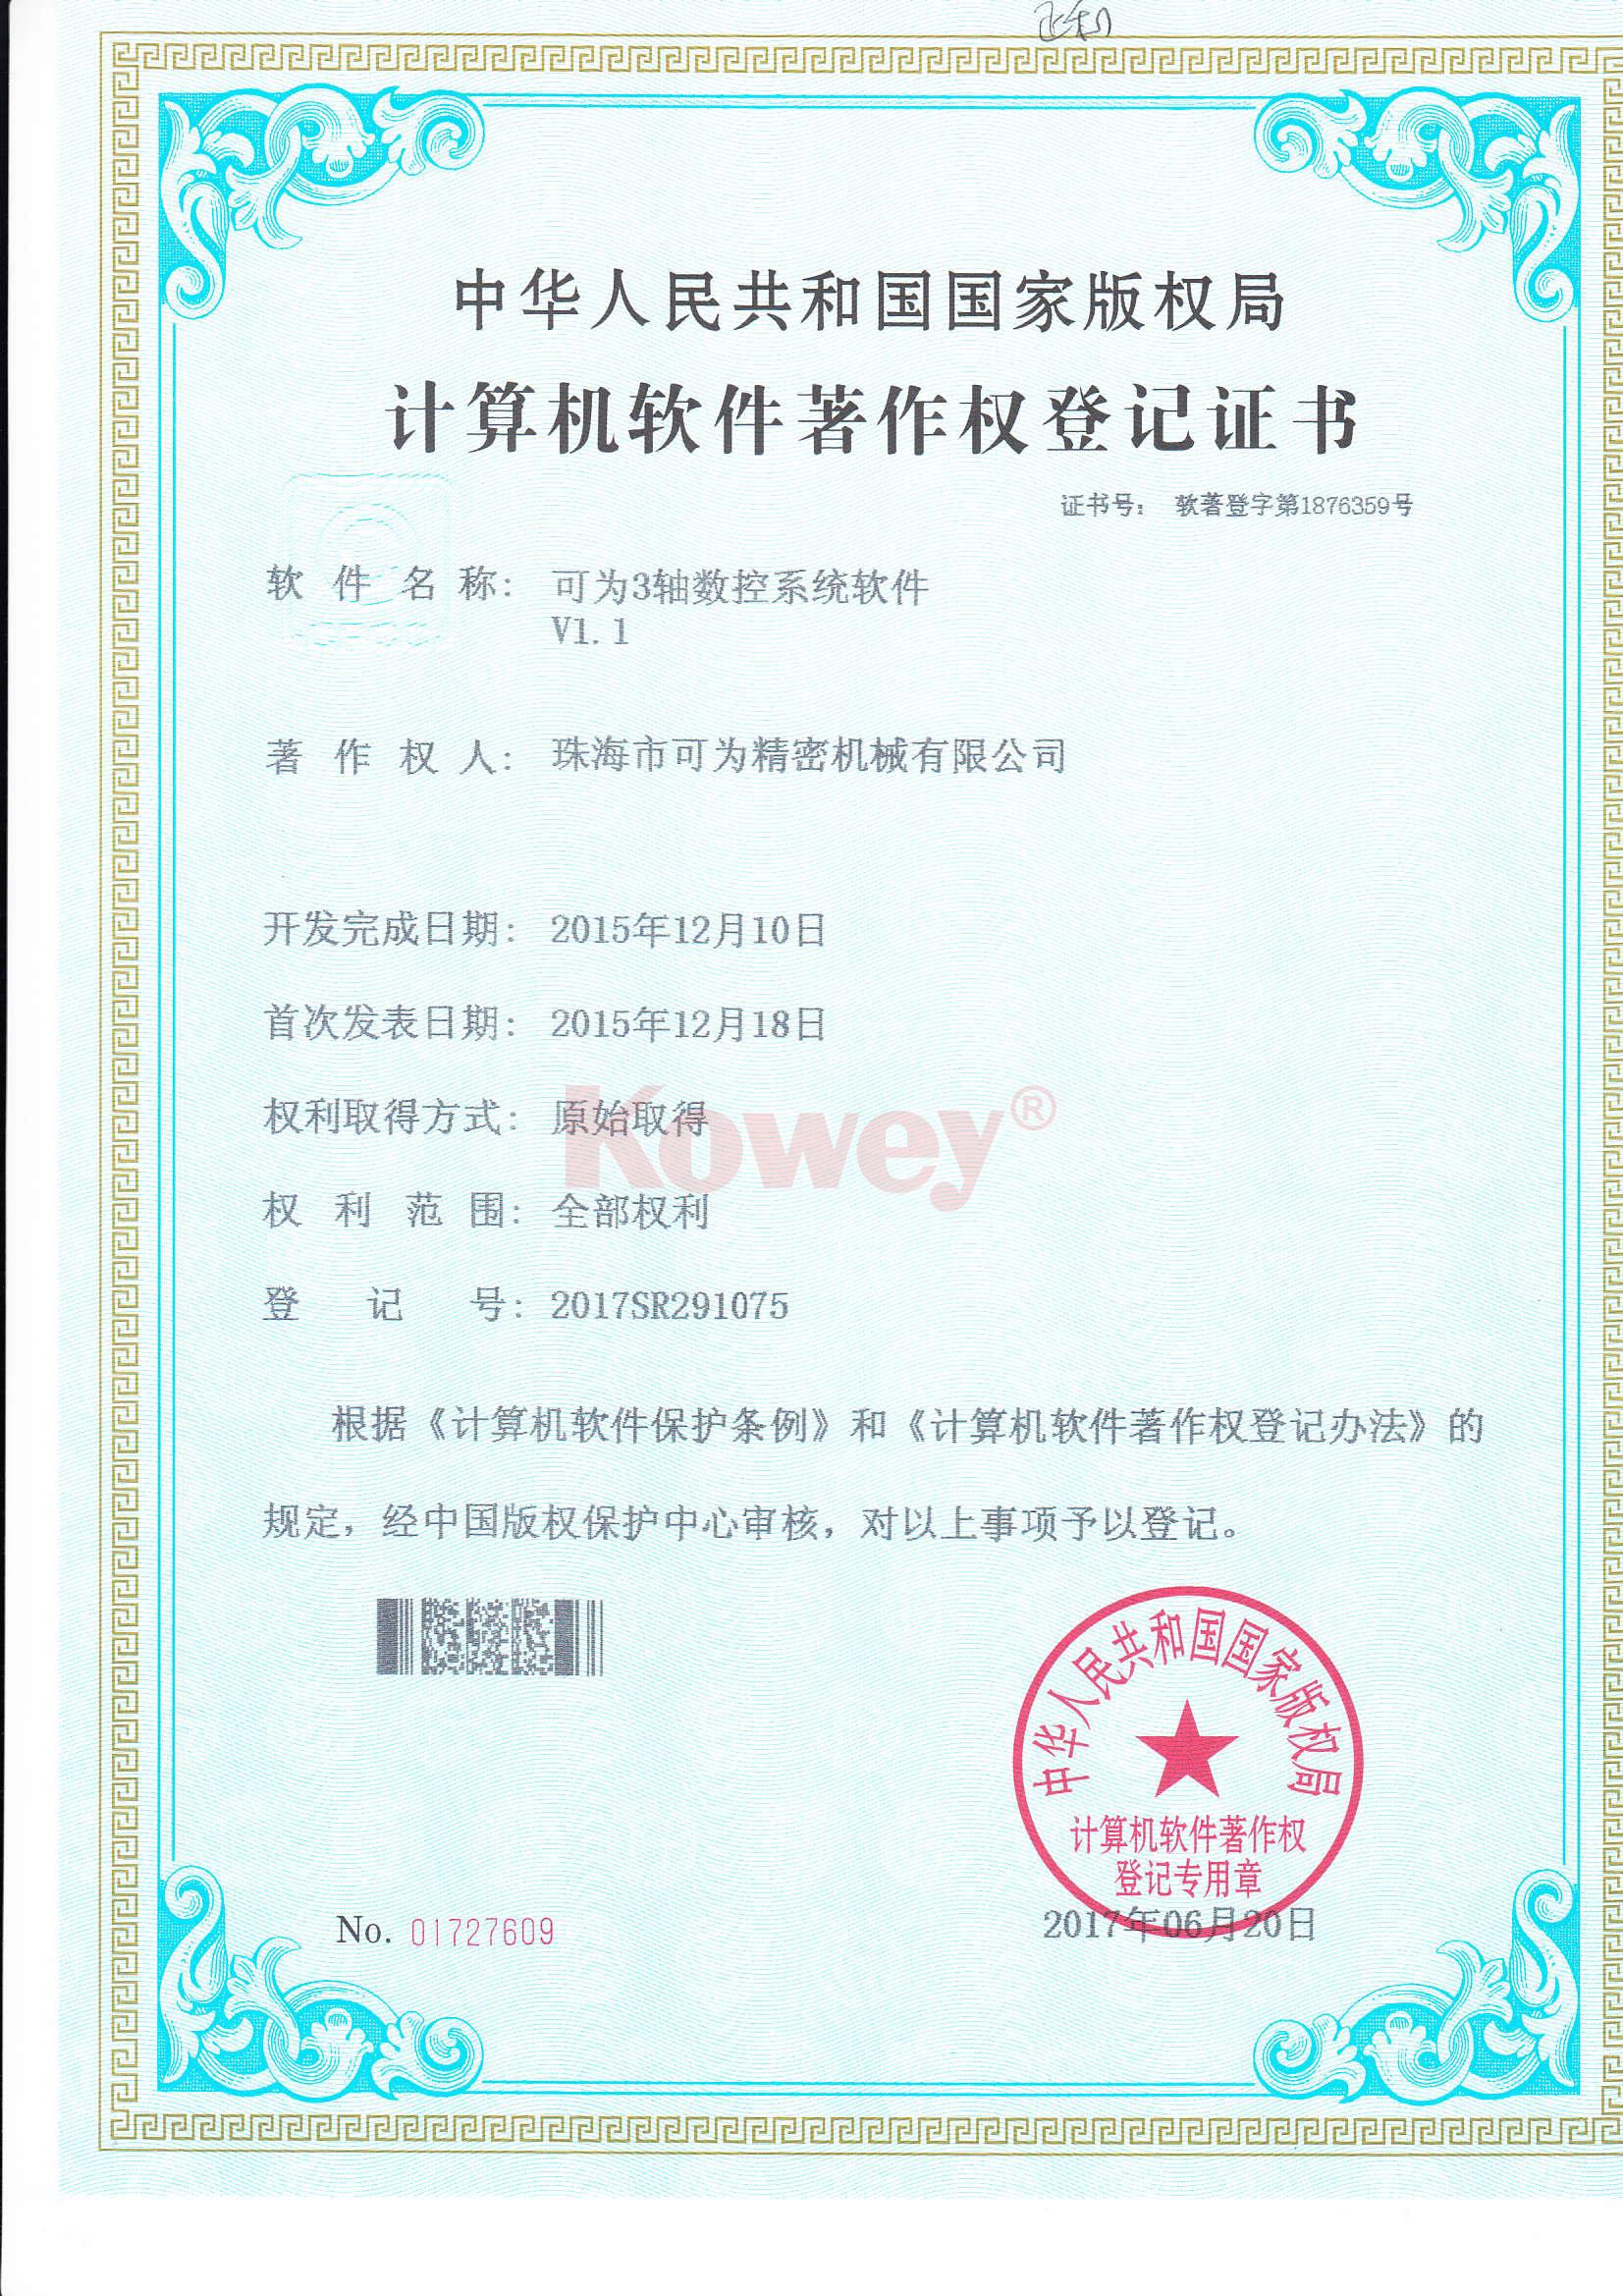 软件著作权证书-可为3轴数控系统软件